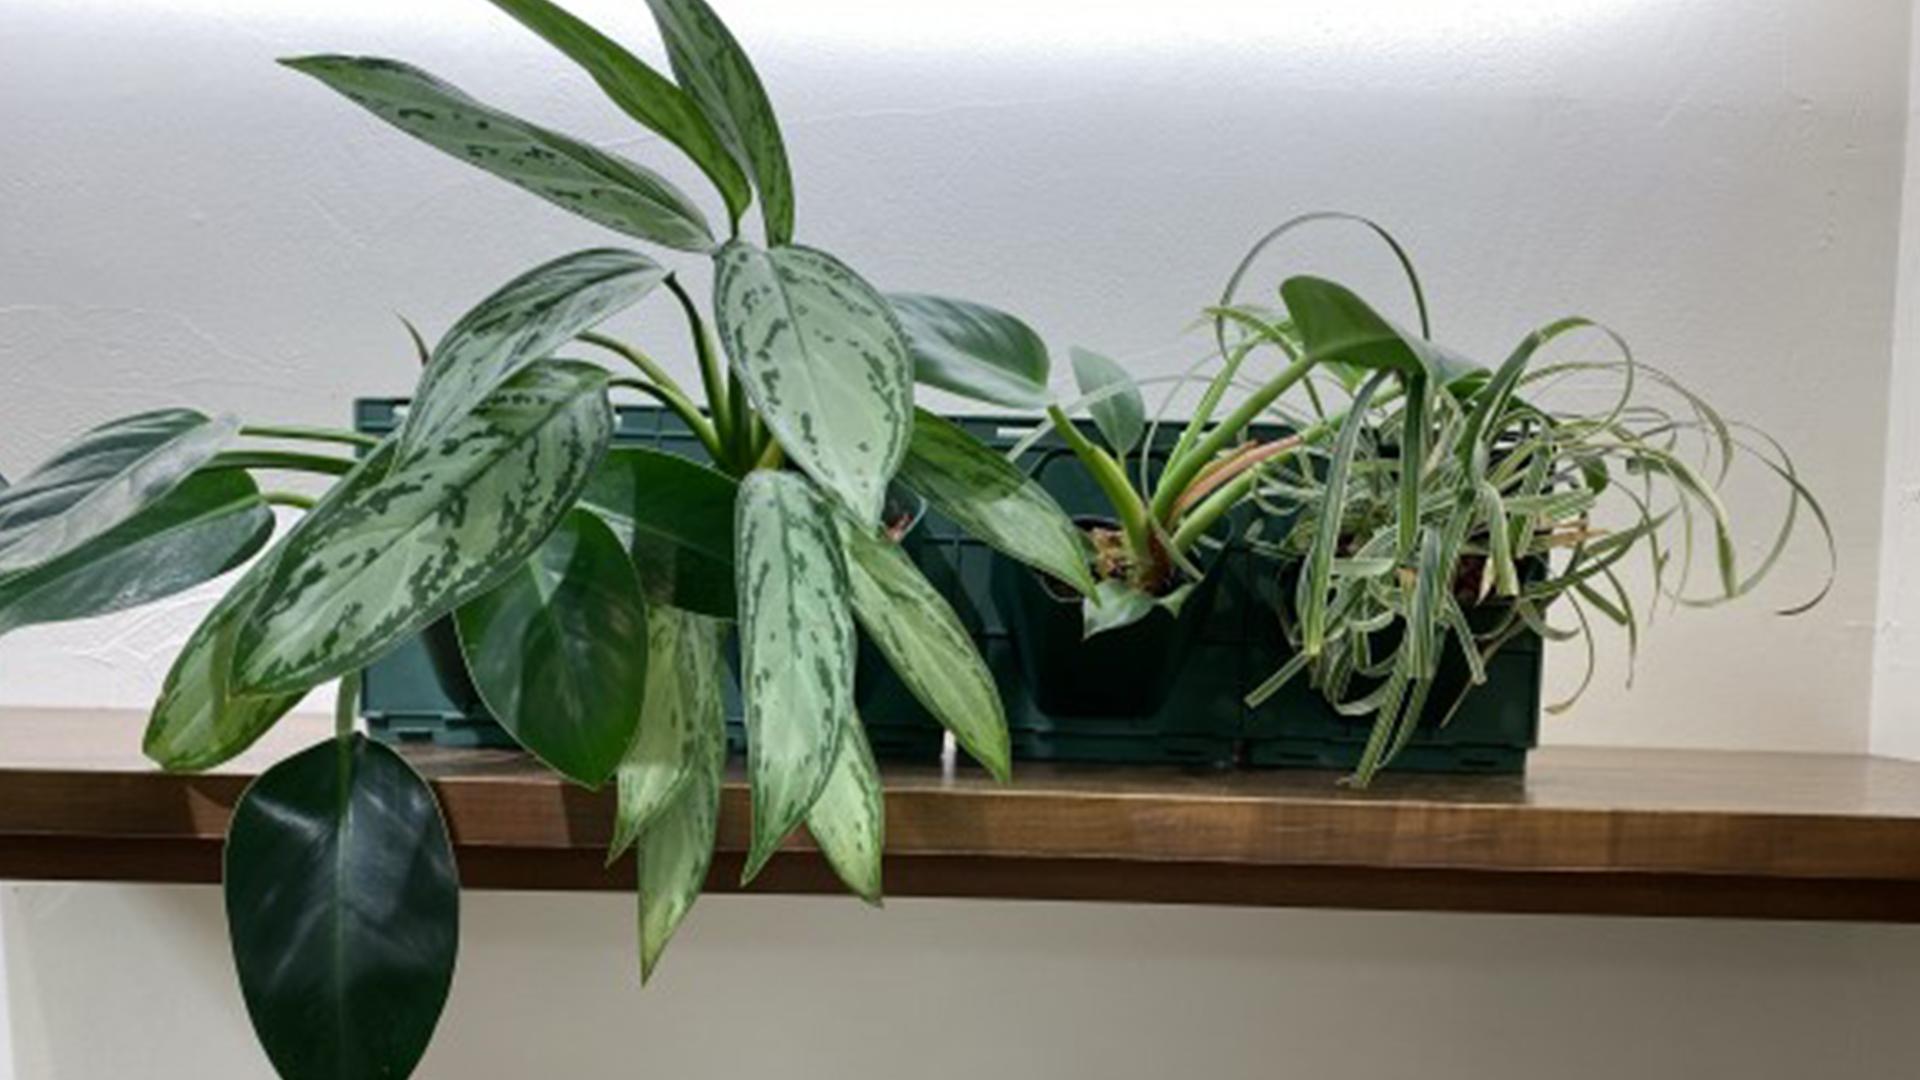 壁として使える観葉植物とプランターの画像